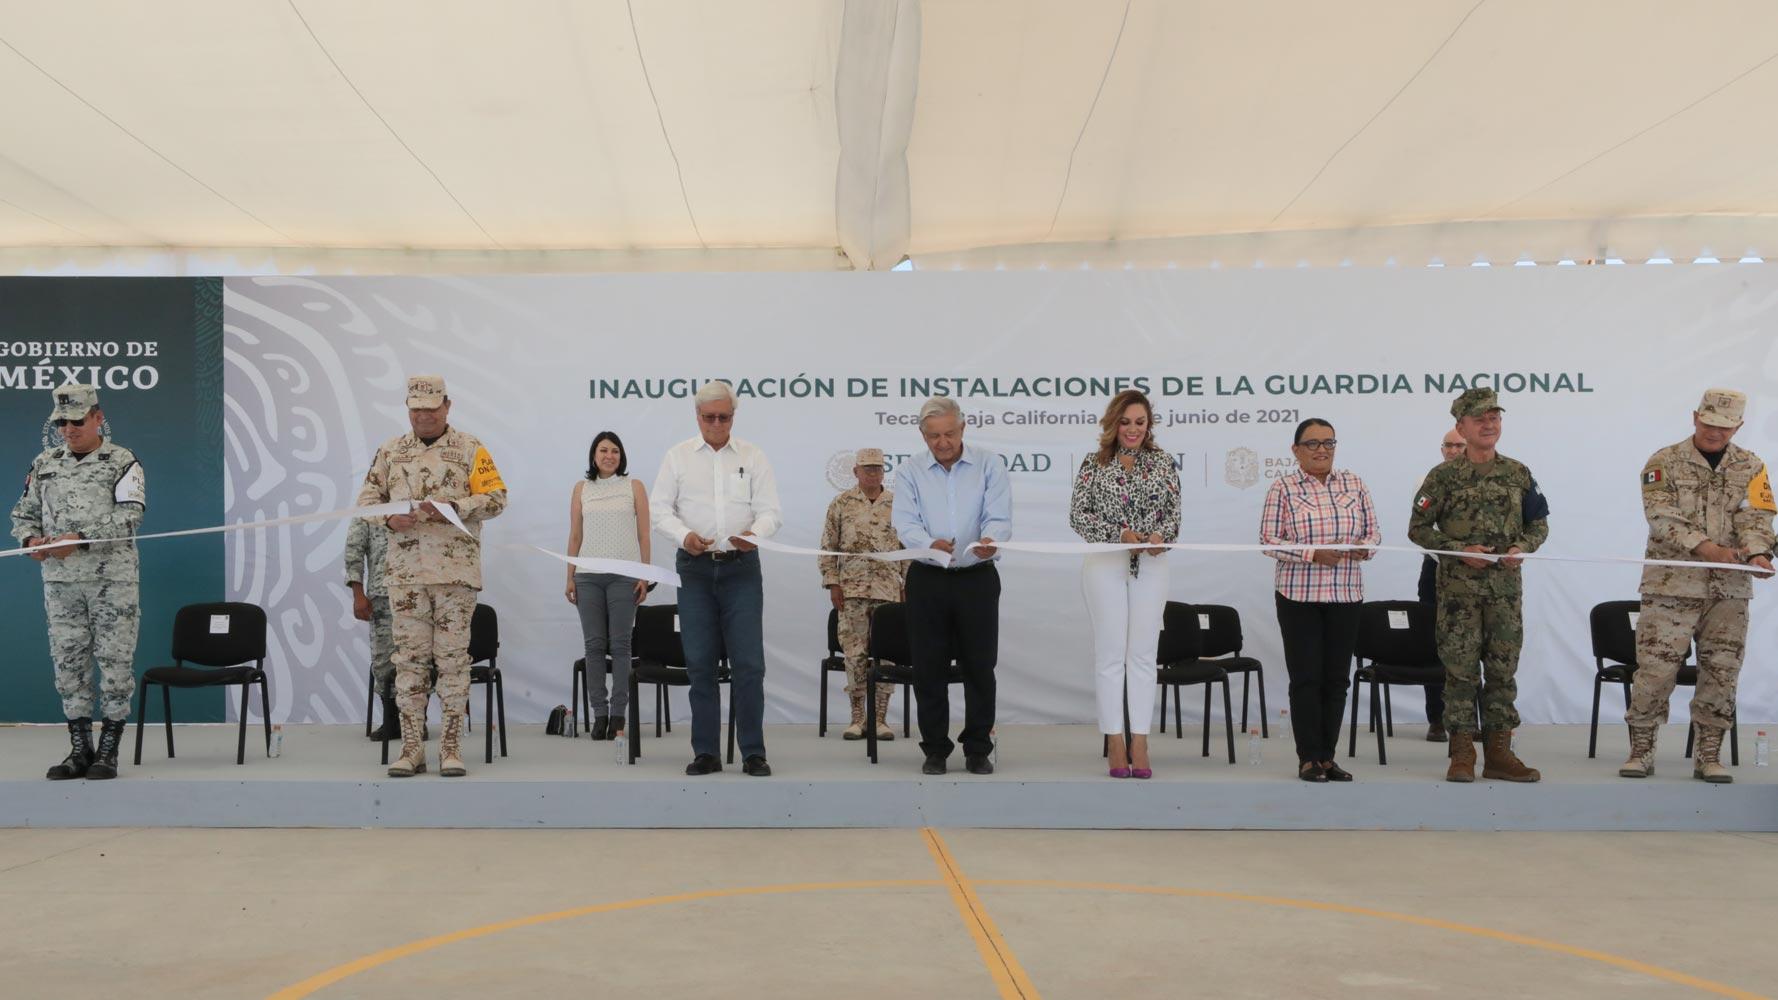 Lopez Obrador reafirma objetivo de adherir Guardia Nacional a la Sedena al inaugurar cuartel en Tecate